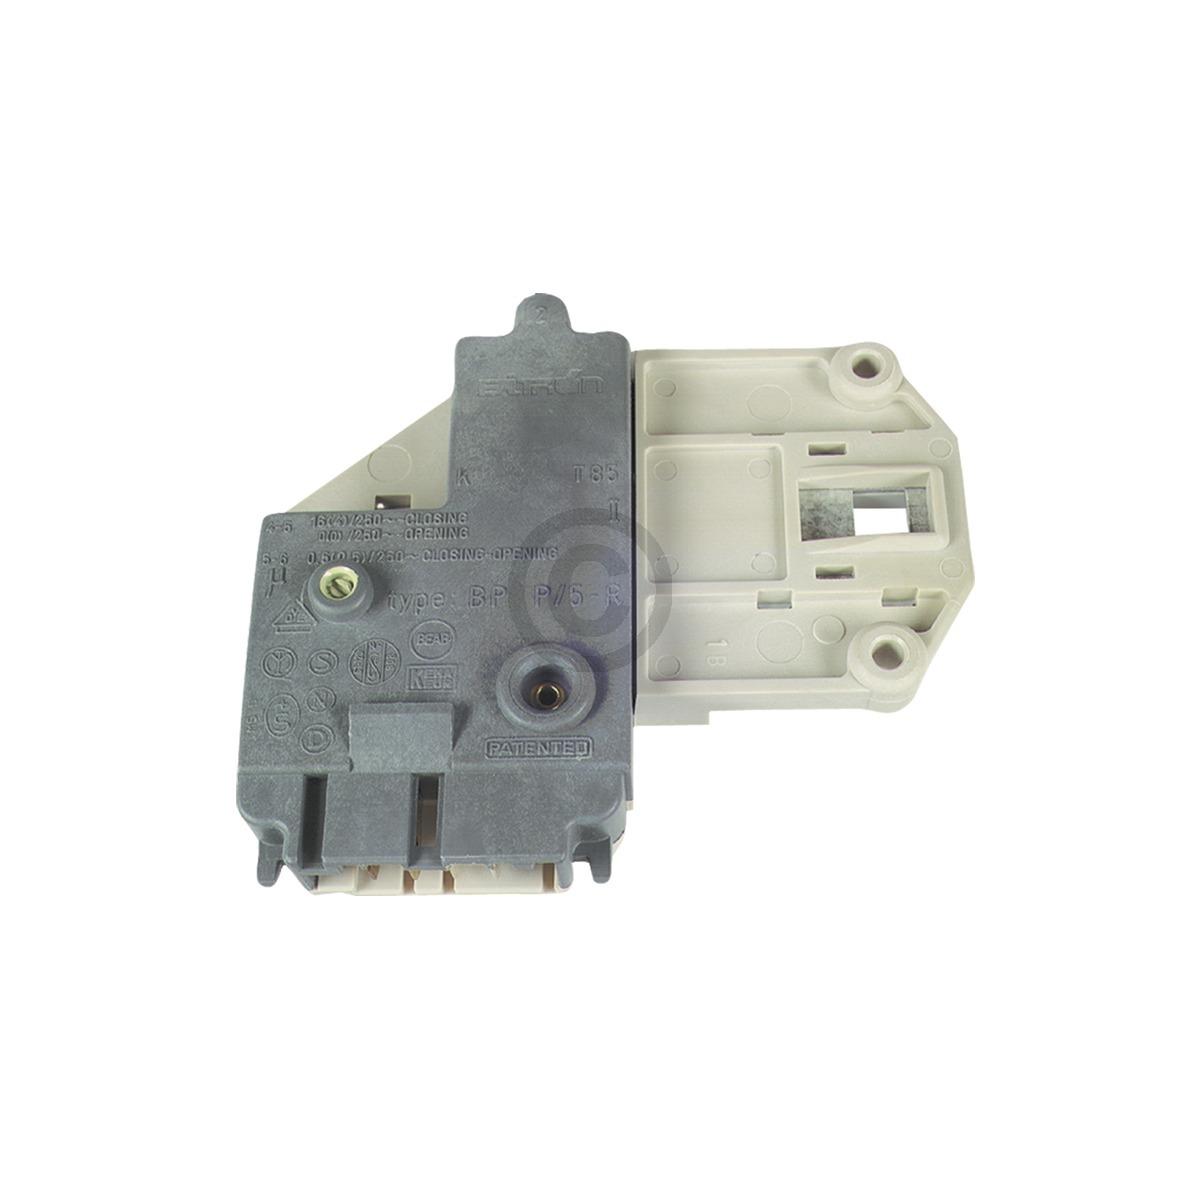 Verriegelungsrelais wie Zanussi 502267360/0 OMP für Waschmaschine Waschtrockner